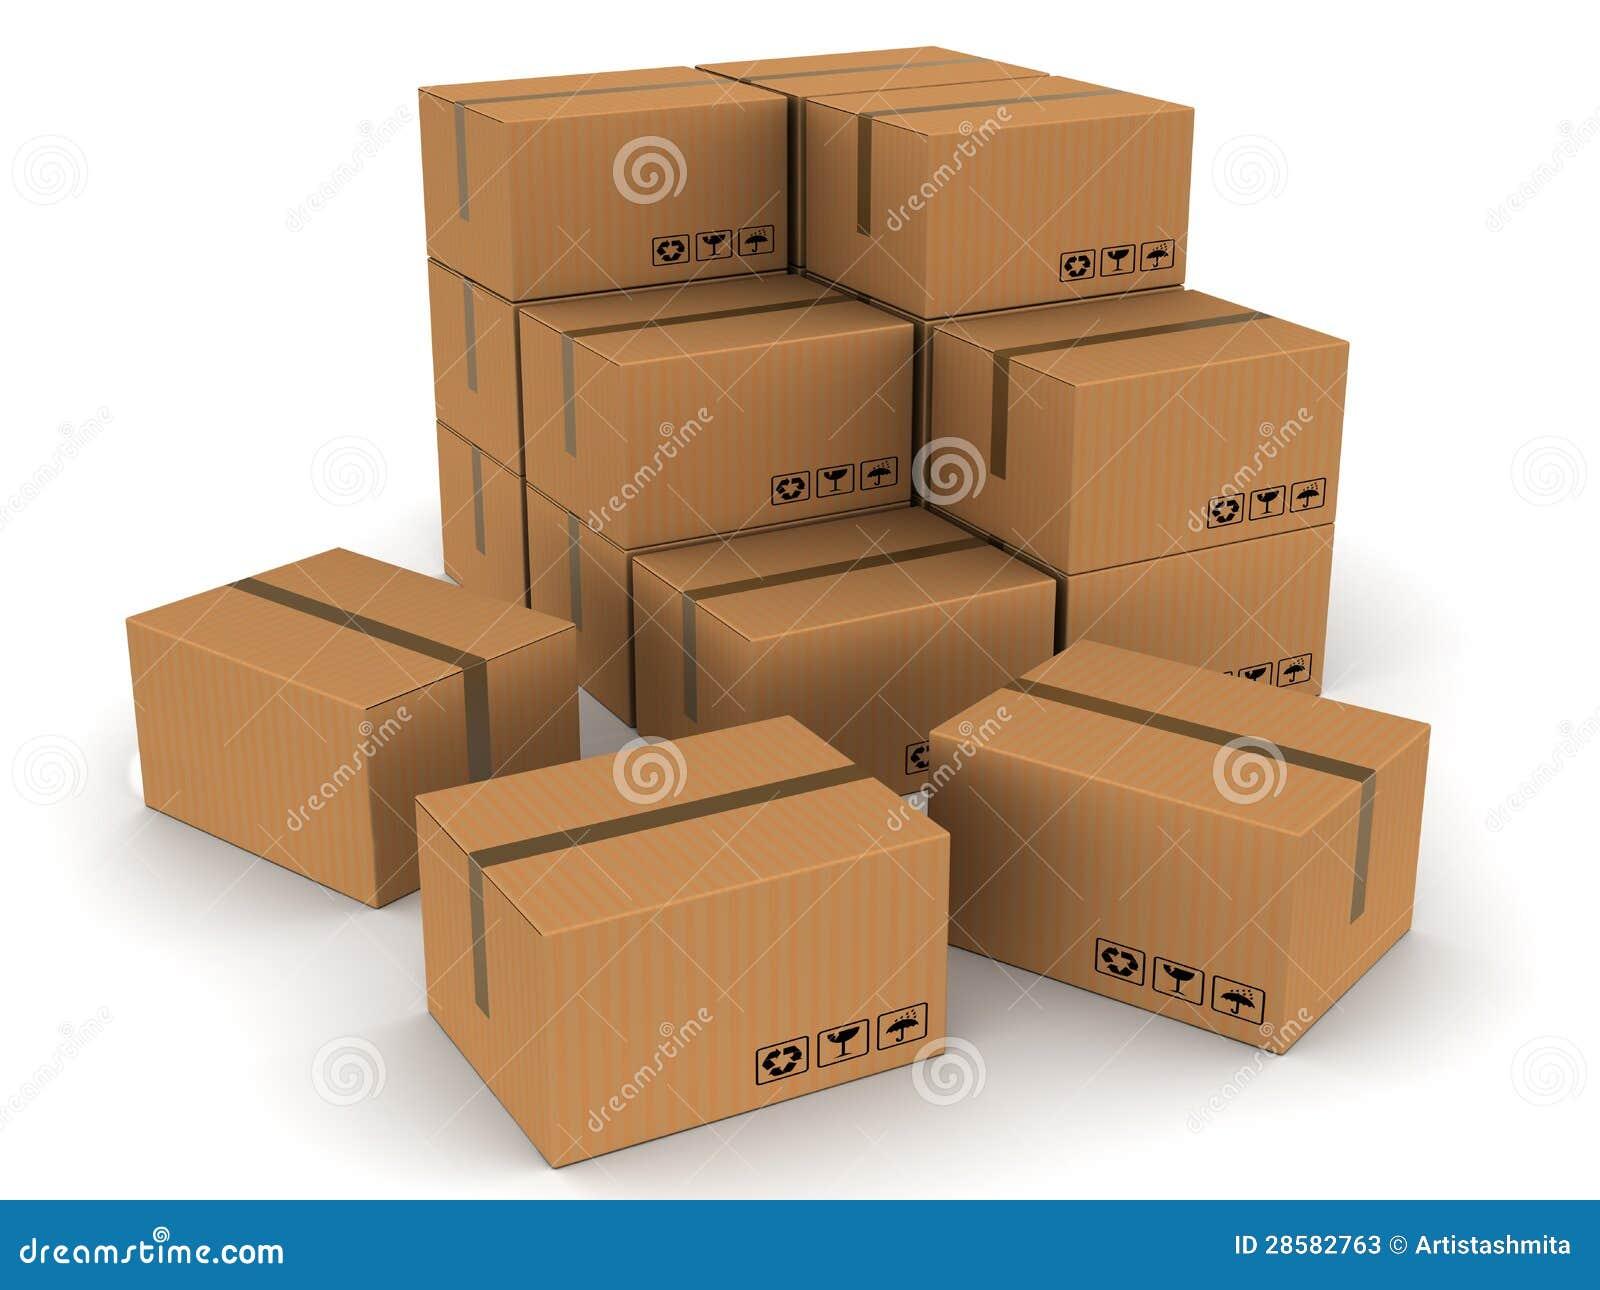 Ingepakte dozenkartons